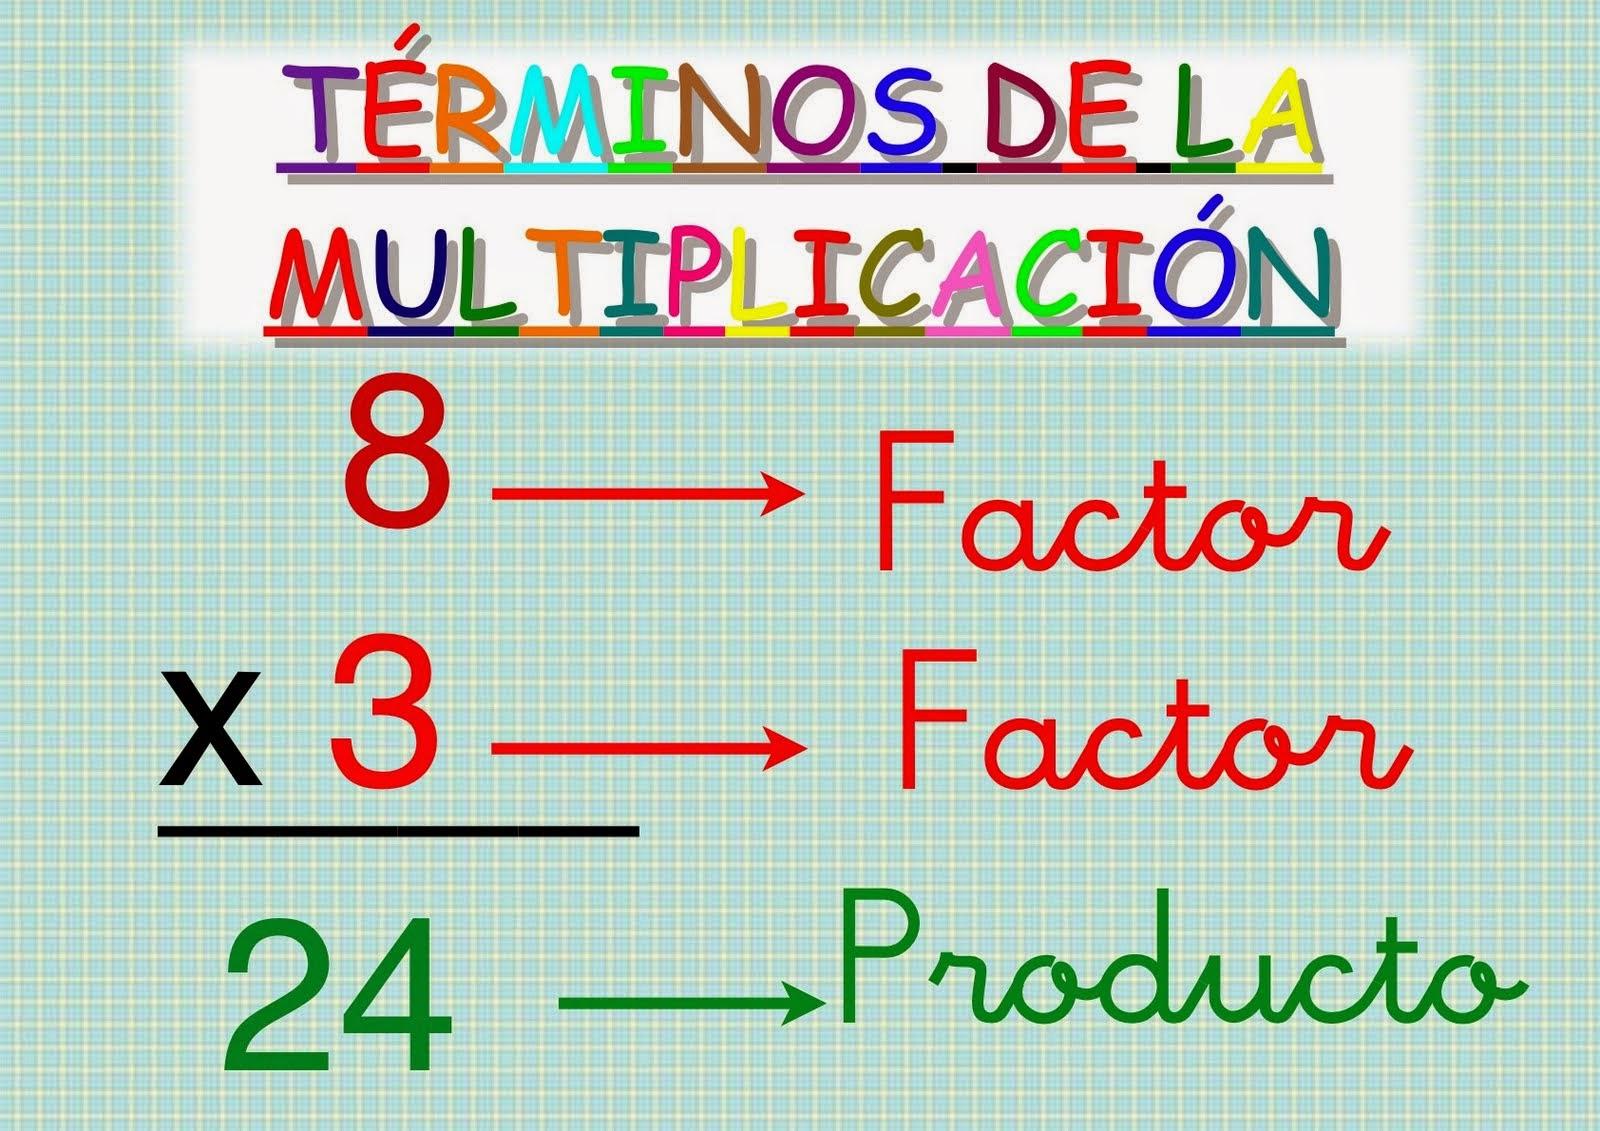 Resultado de imagen para terminos de la multiplicacion